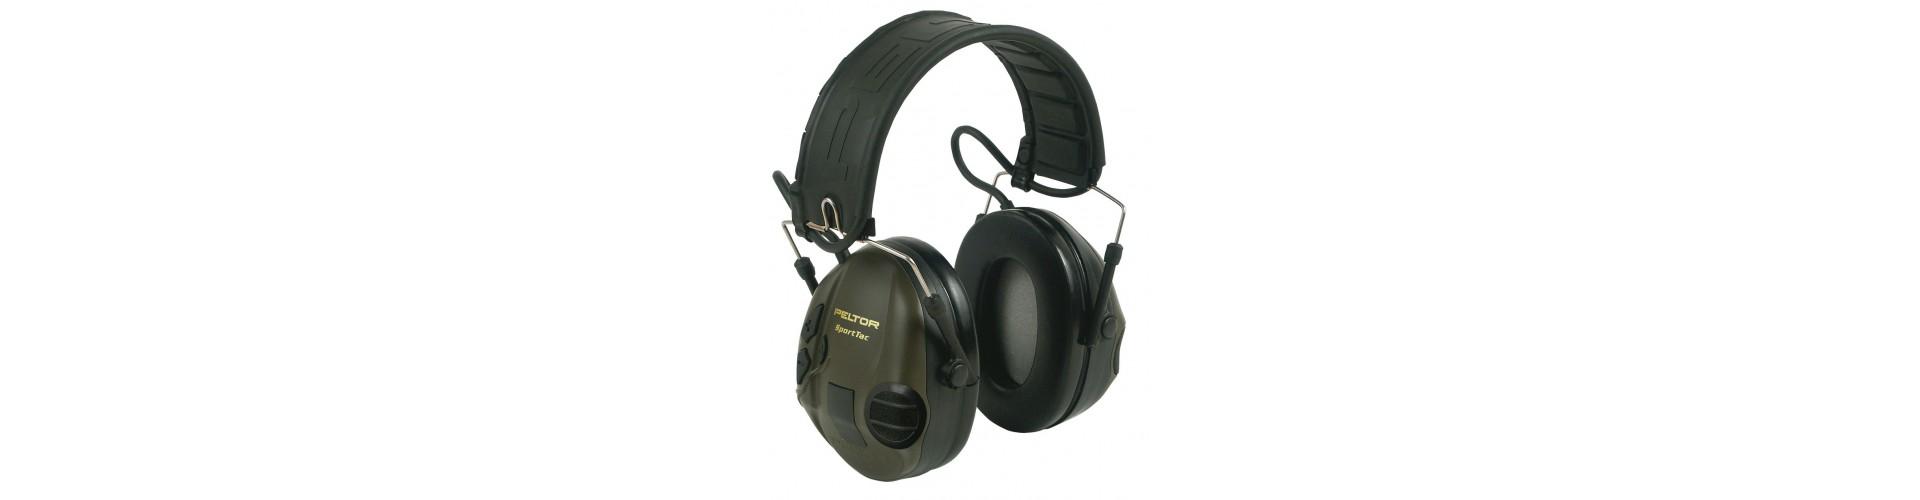 Høreværn til jagt - Køb høreværn til jagt fra Peltor og Mil-Tec